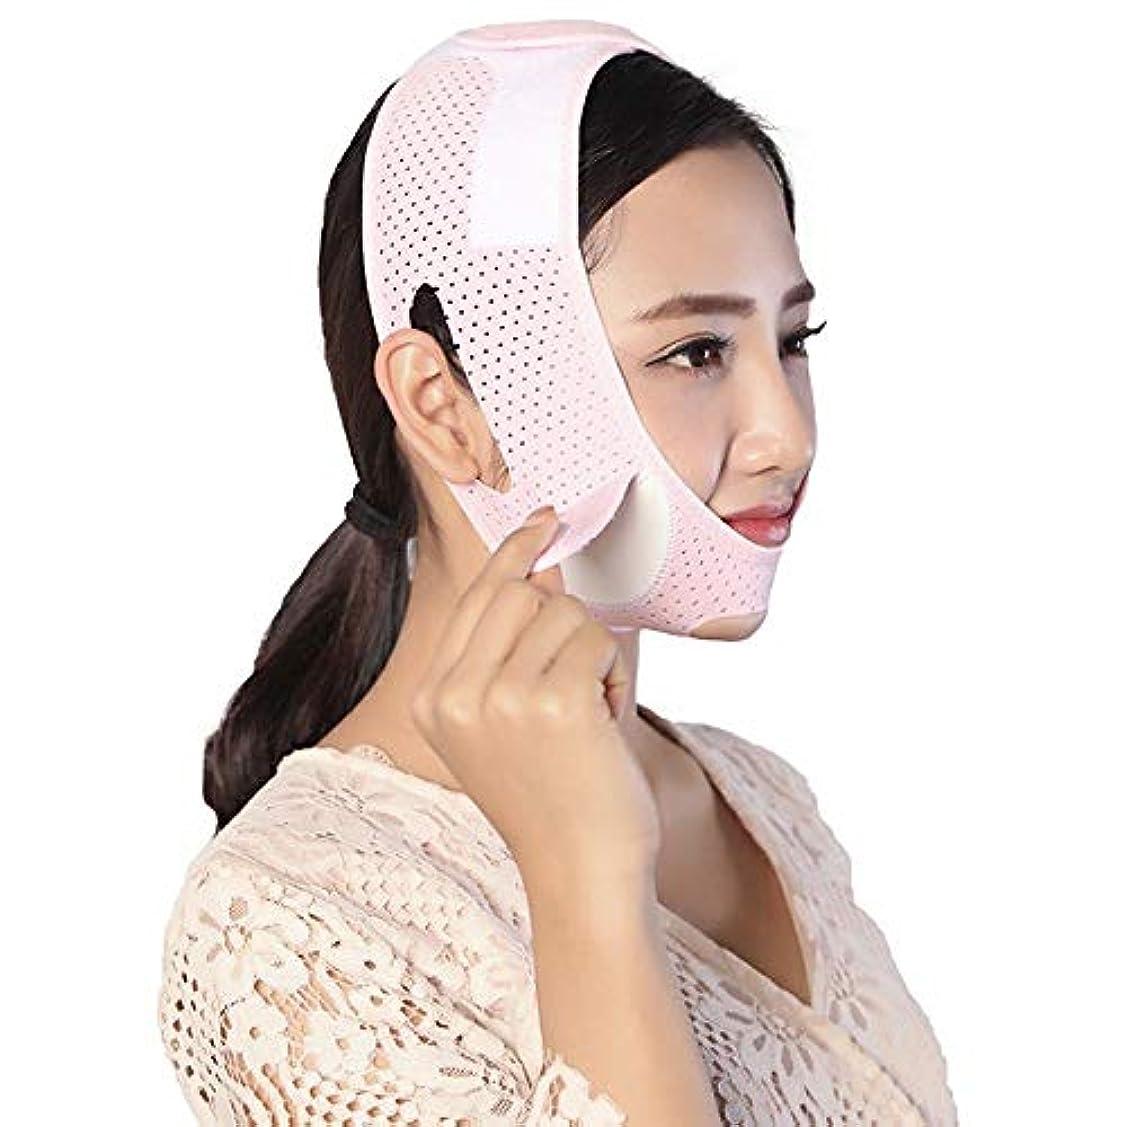 貧しい空港ドキュメンタリーMinmin フェイシャルリフティング痩身ベルト - 圧縮二重あご減量ベルトスキンケア薄い顔包帯 みんみんVラインフェイスマスク